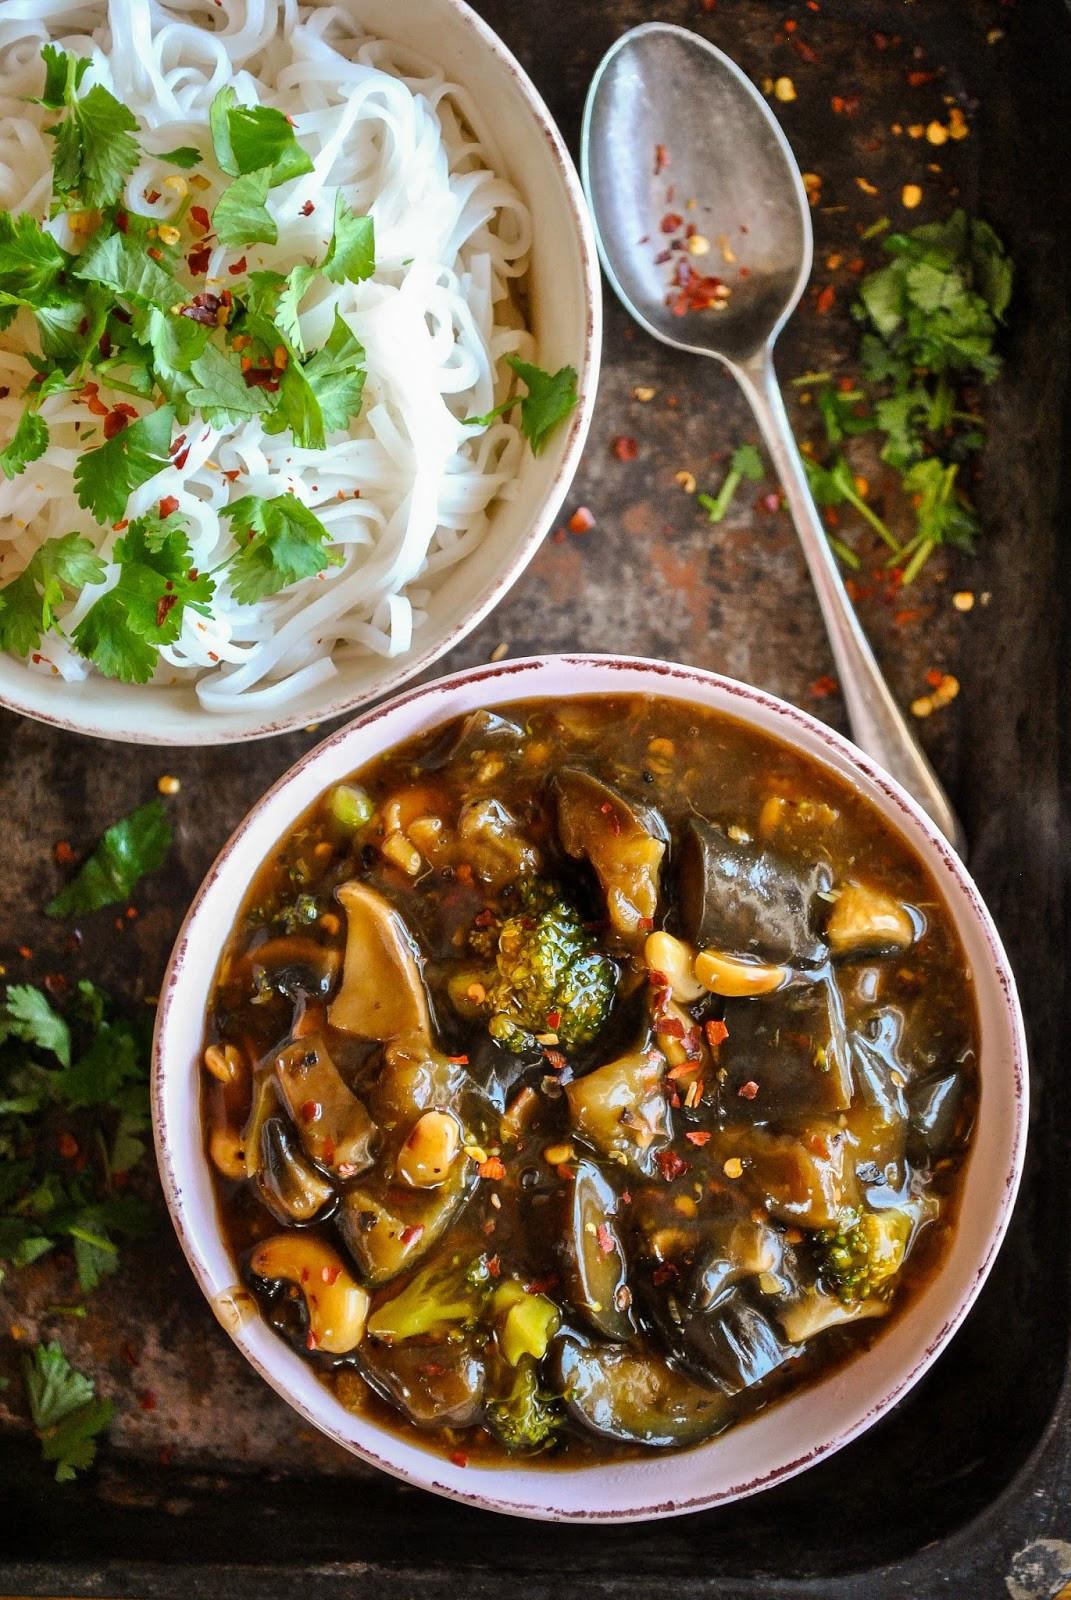 Vegan Chinese Recipes  Vegan Chinese eggplant with spicy garlic sauce VeganSandra